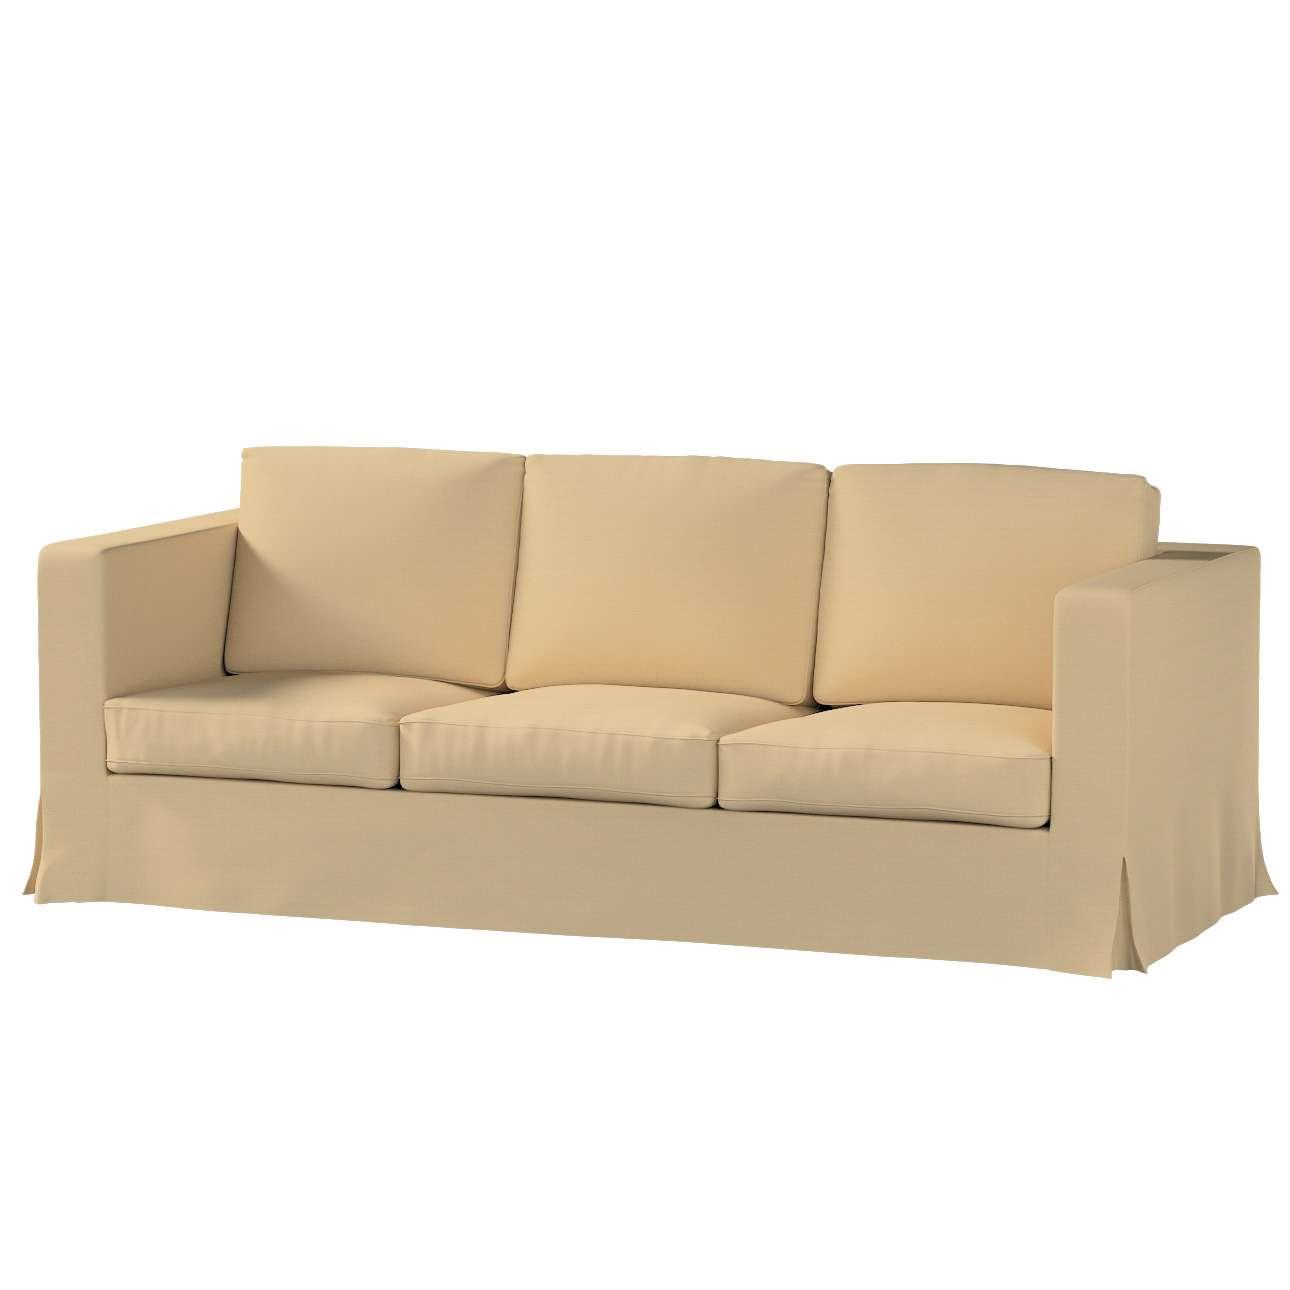 KARLANDA trivietės sofos iki žemės užvalkalas KARLANDA trivietės sofos iki žemės užvalkalas kolekcijoje Cotton Panama, audinys: 702-01